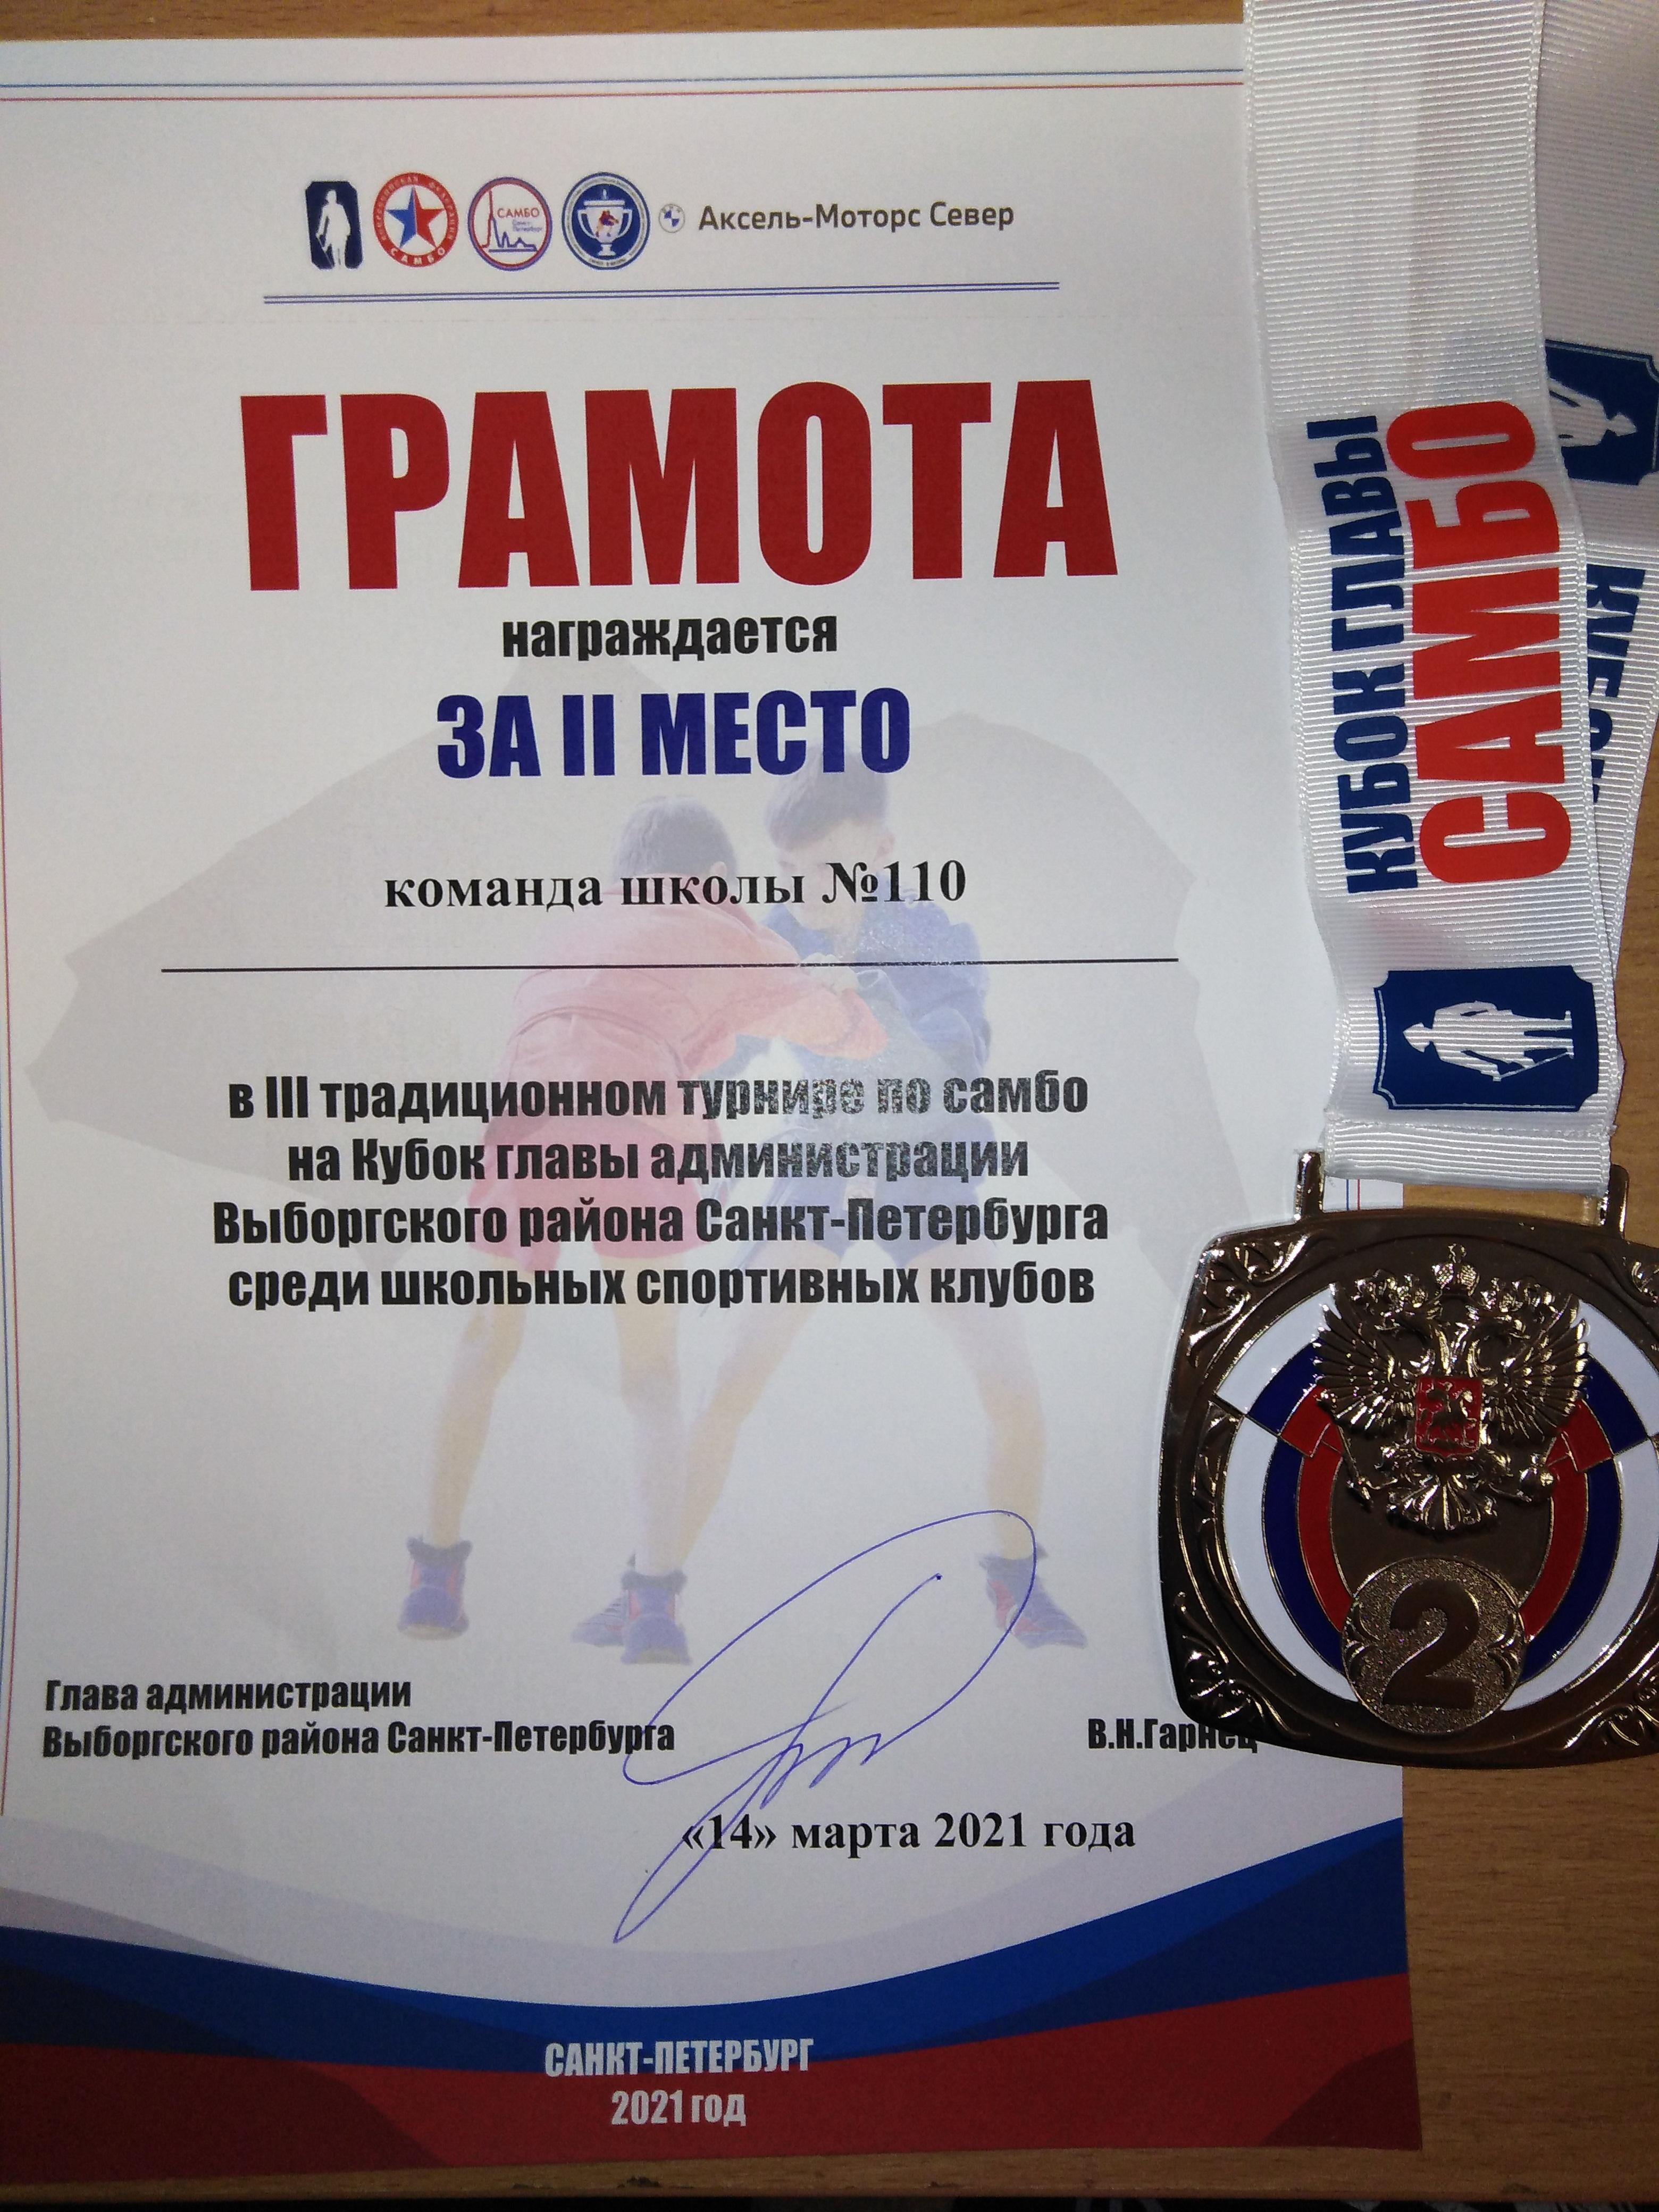 https://i.ibb.co/TRzWVbY/IMG-20210316-085907-Elena-Akumova-1.jpg